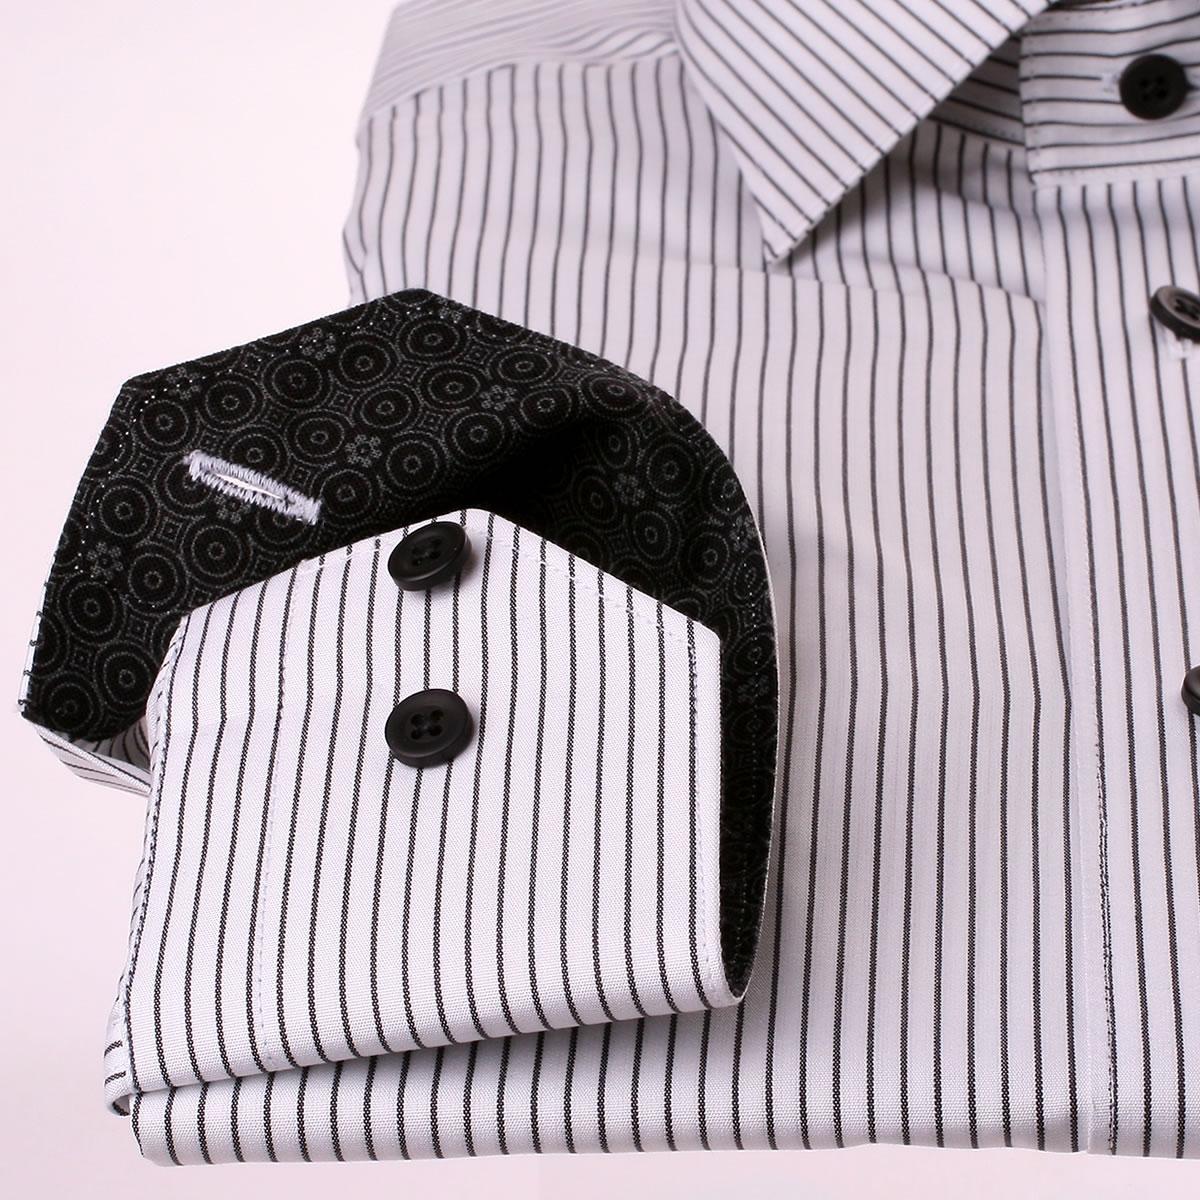 wei es hemd mit schwarzen streifen grau und schwarz muster kragen. Black Bedroom Furniture Sets. Home Design Ideas